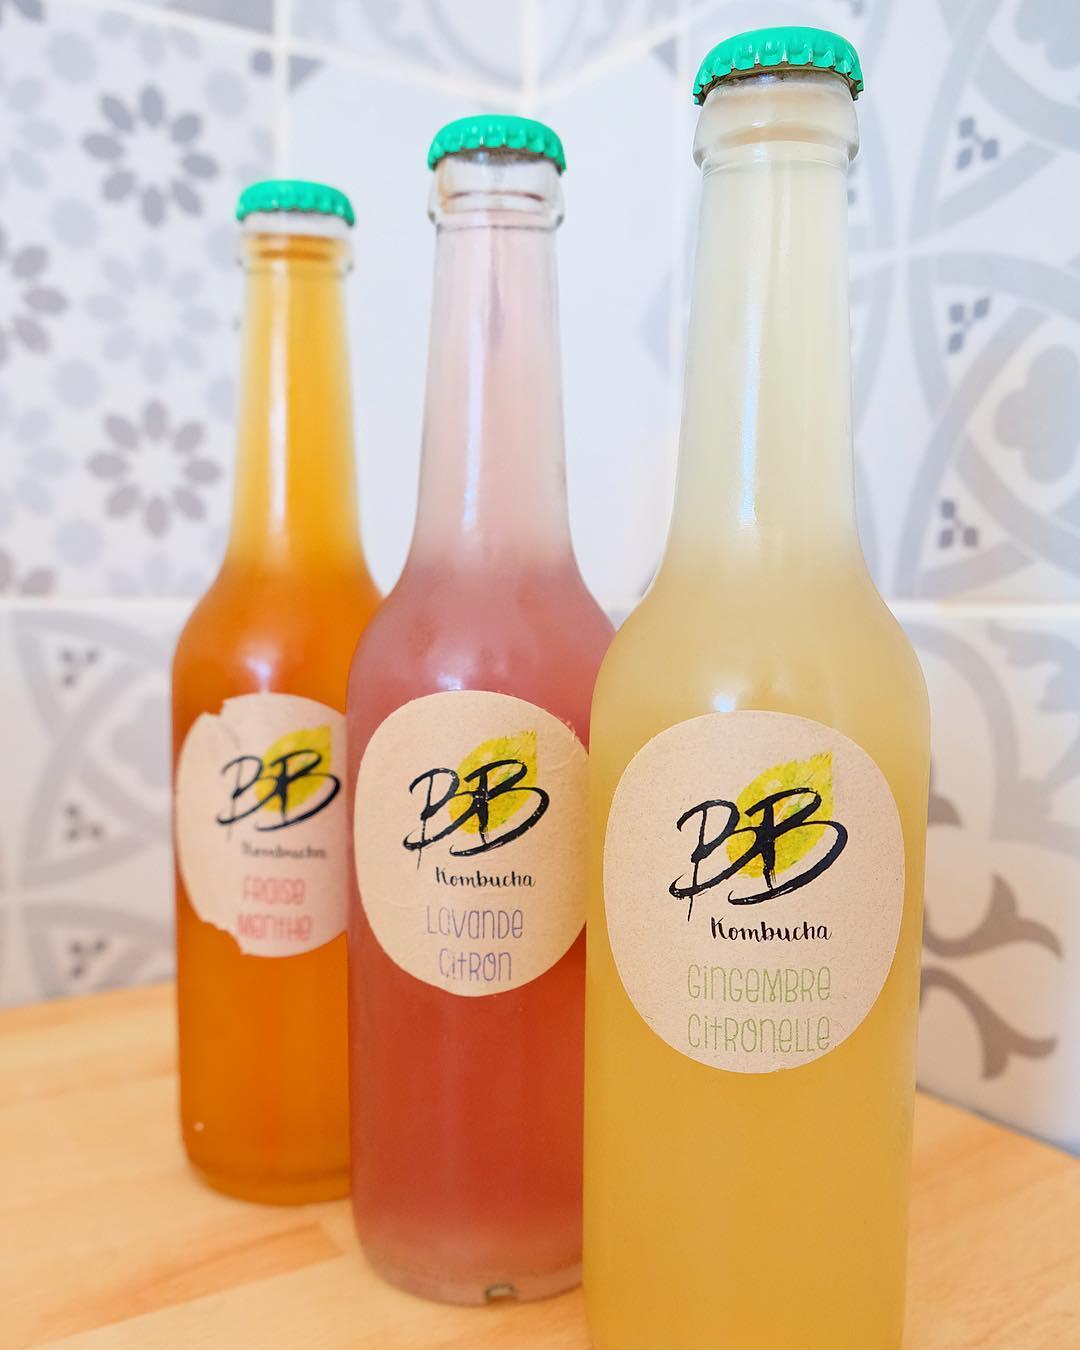 〰 FIERTÉ 〰 Une nouvelle boisson Made in Montpellier ? .  Le thé pétillant et bienfaisant ??Frais et Bio parfait pour l'été ! @bbkombucha.fr made in Grabels ! . ➕ BB KOMBUCHA • boisson made in Montpellier . ??? Article sur le blog {lien dans ma bio}  ___________________ #boisson #kombucha #kombuchatea #kombuchalove  #kombuchalife #tea #drink #vegan #bio #vegetarianfood #veganfood #healthy #healthylife #blogfood #foodblog #foodporn #foodblogger #montpellier #madeinmontpellier #pintademontpellier